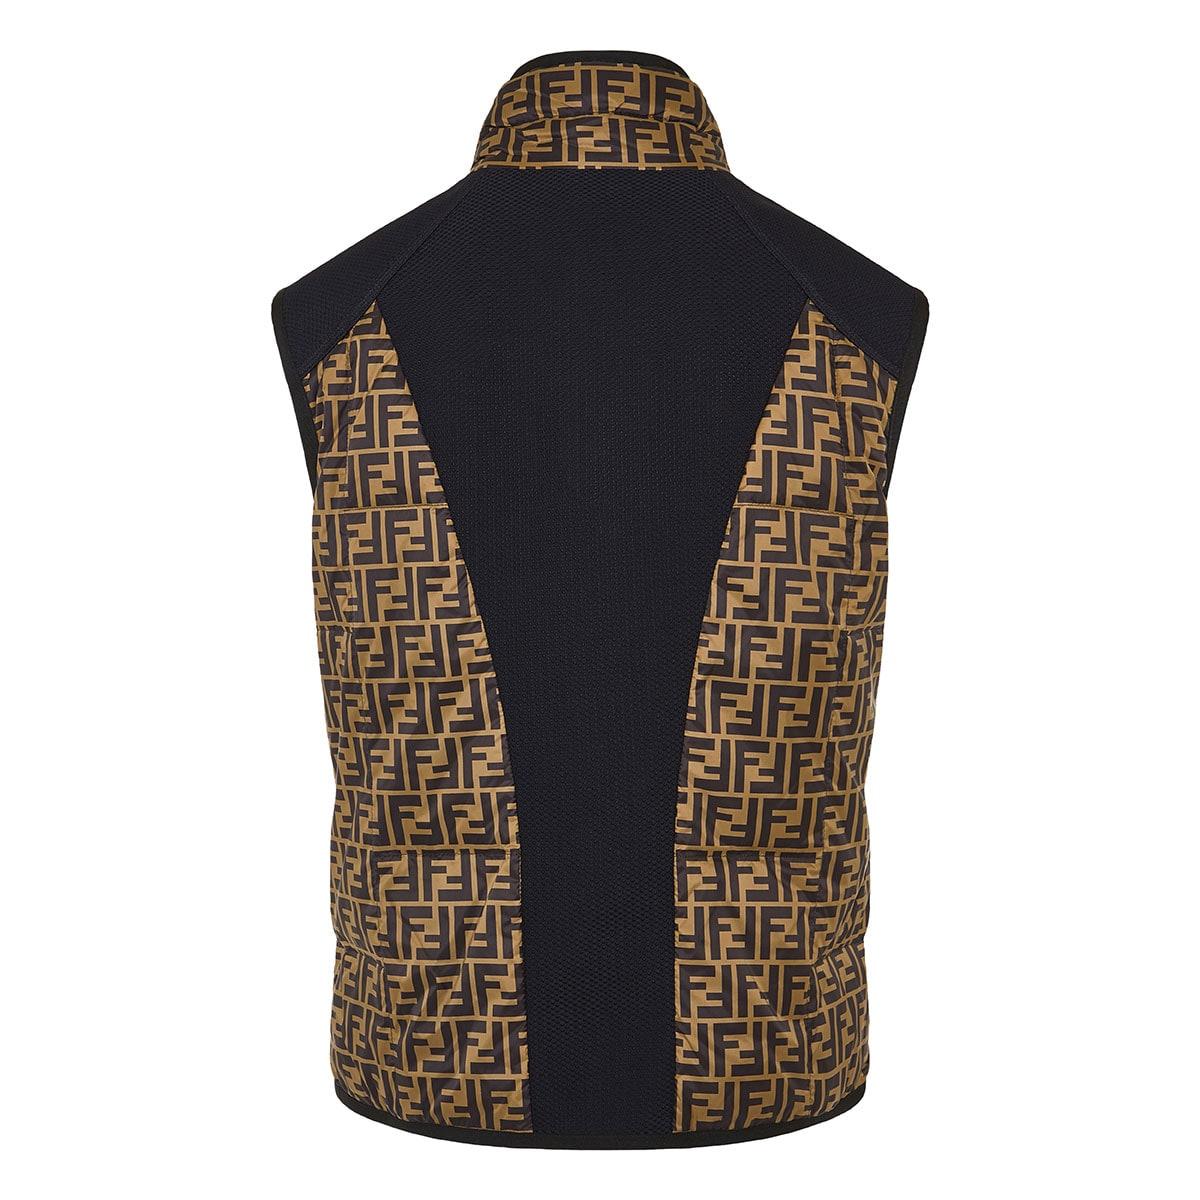 FF padded nylon vest jacket